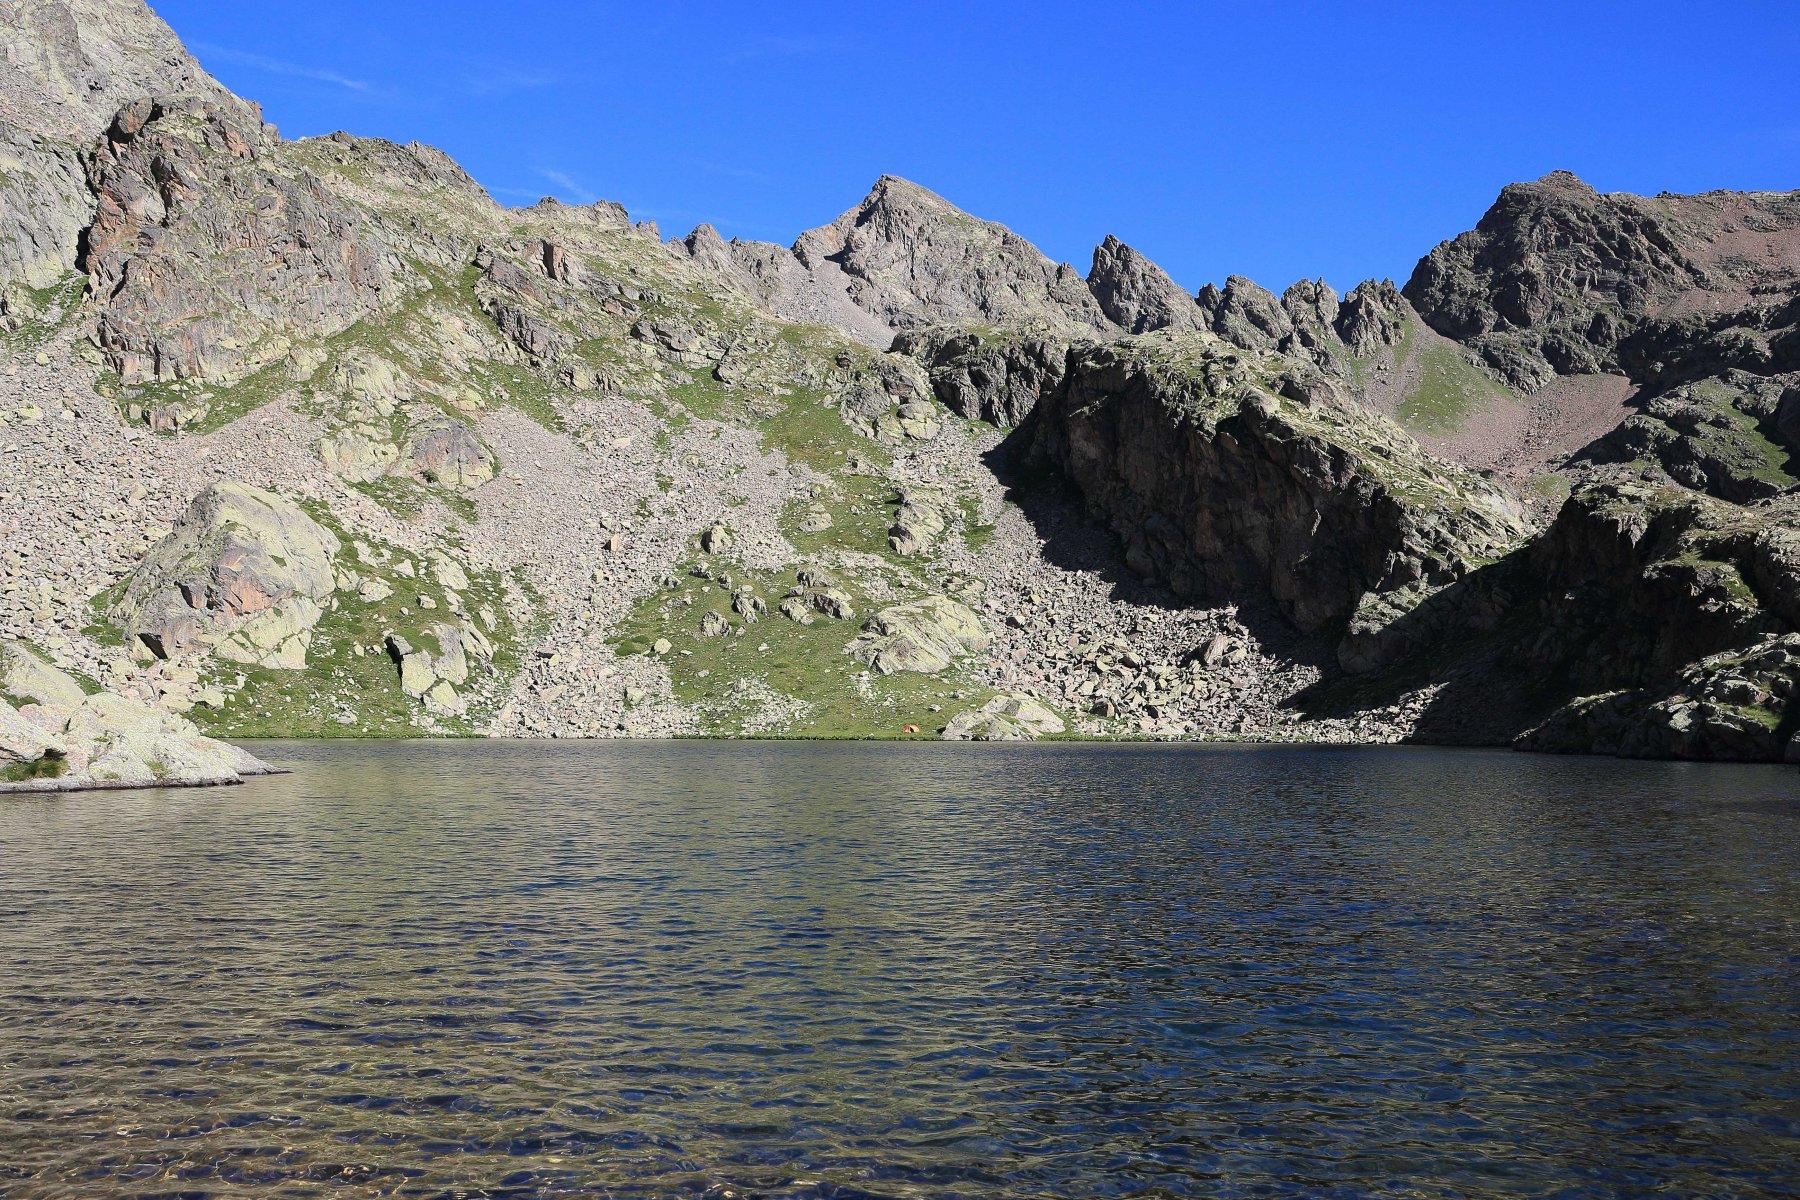 Il Corborant al centro, visto dal primo lago.